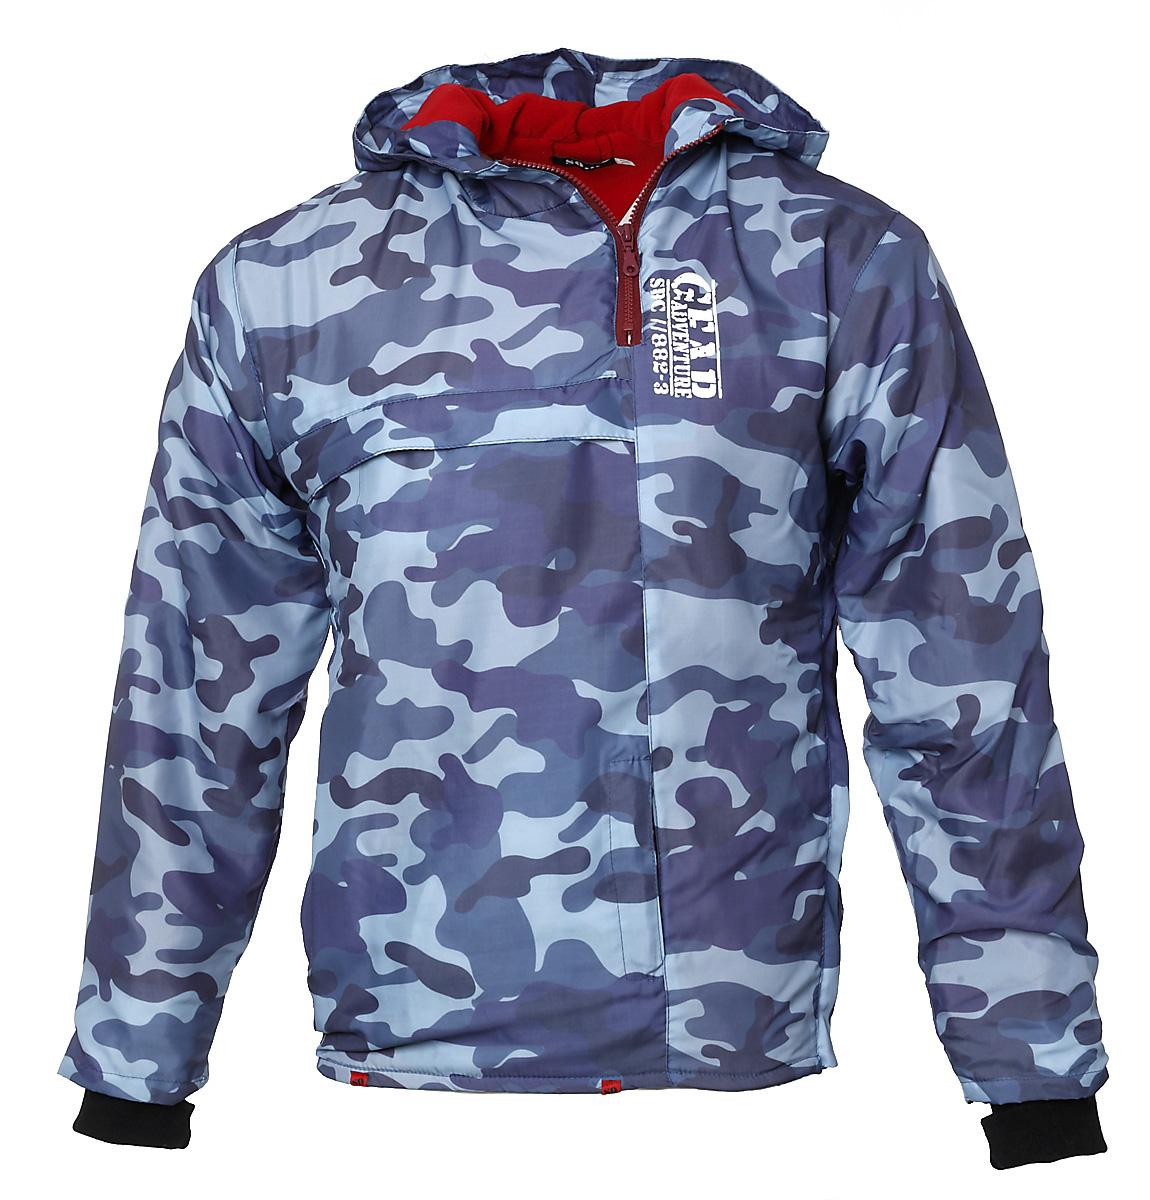 Ανδρικό Μπουφάν Παραλλαγής Army Gear-Μπλε αρχική ανδρικά ρούχα μπουφάν